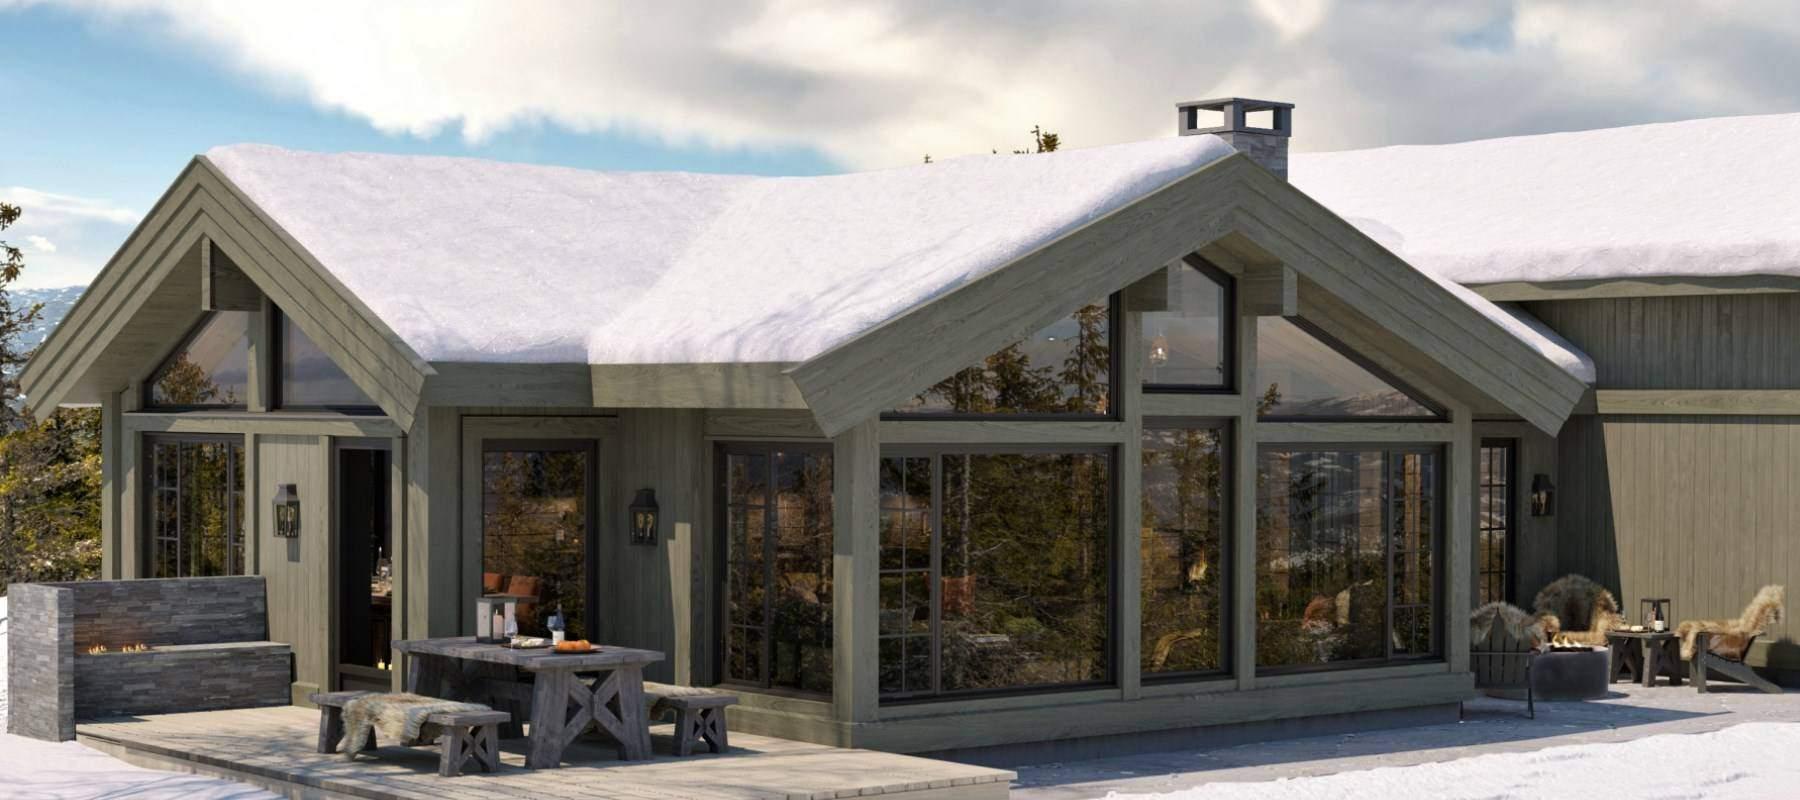 44 Hytte Geilo 155 – Fasade mot stue og spisestue